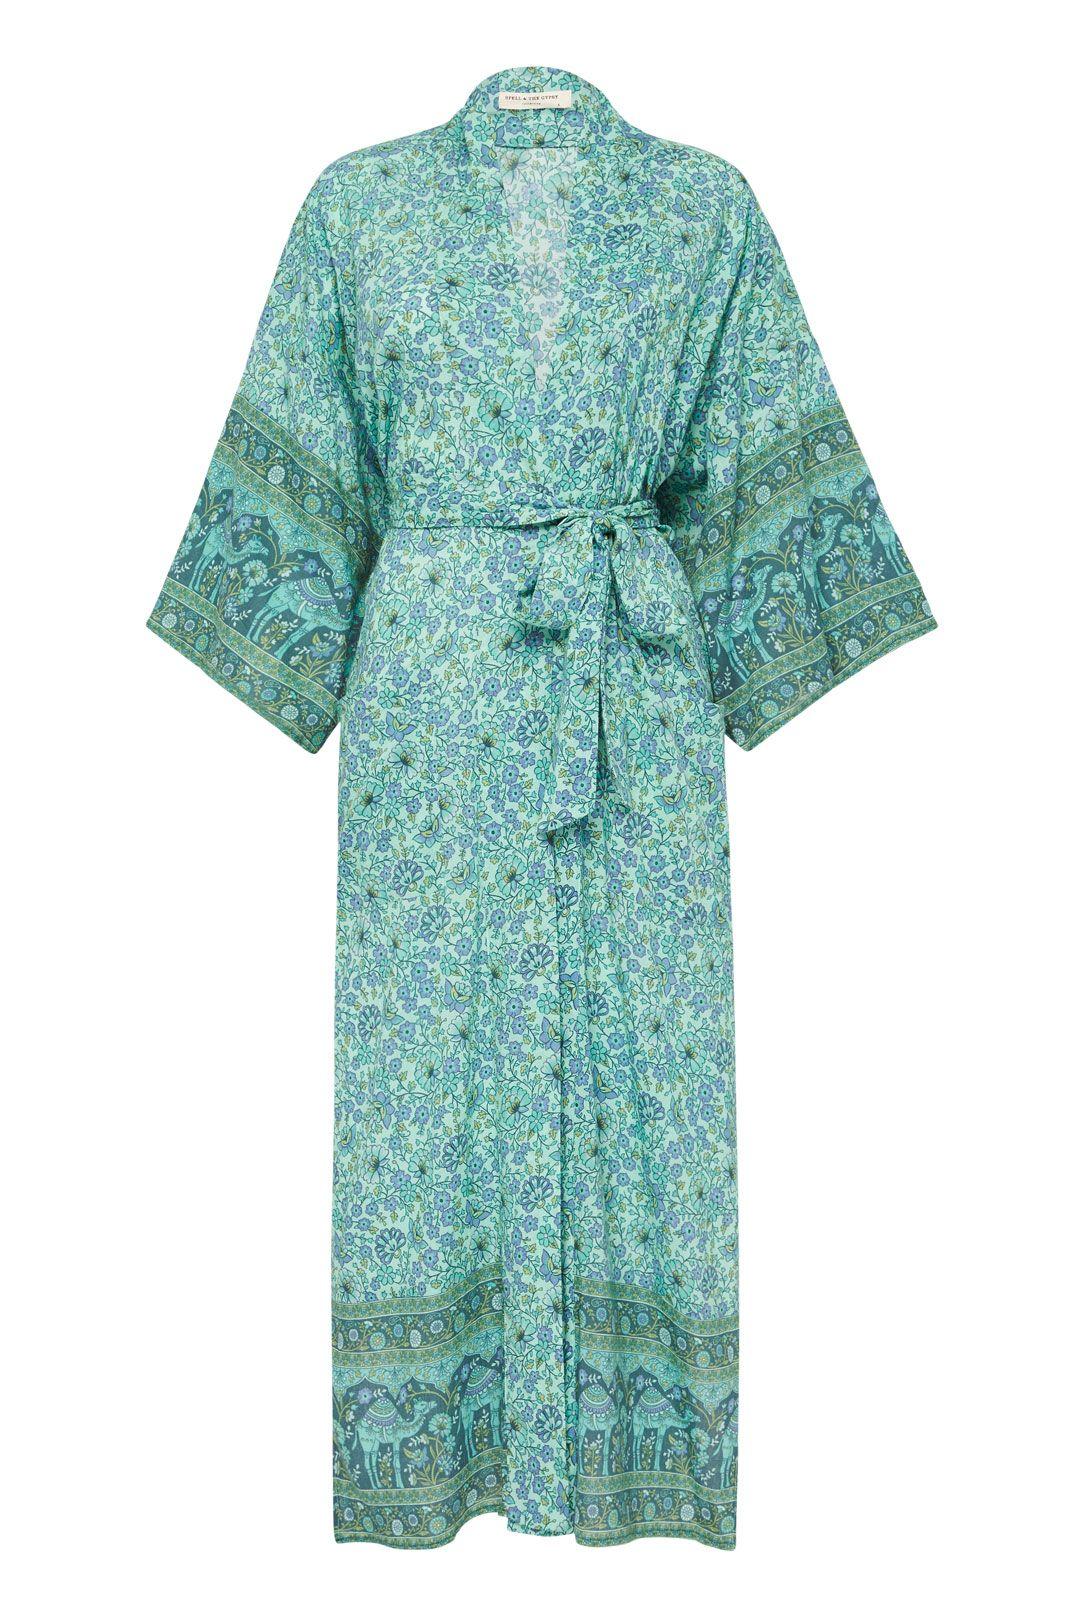 Spell Sundown Maxi Robe Turquoise Tie Belt